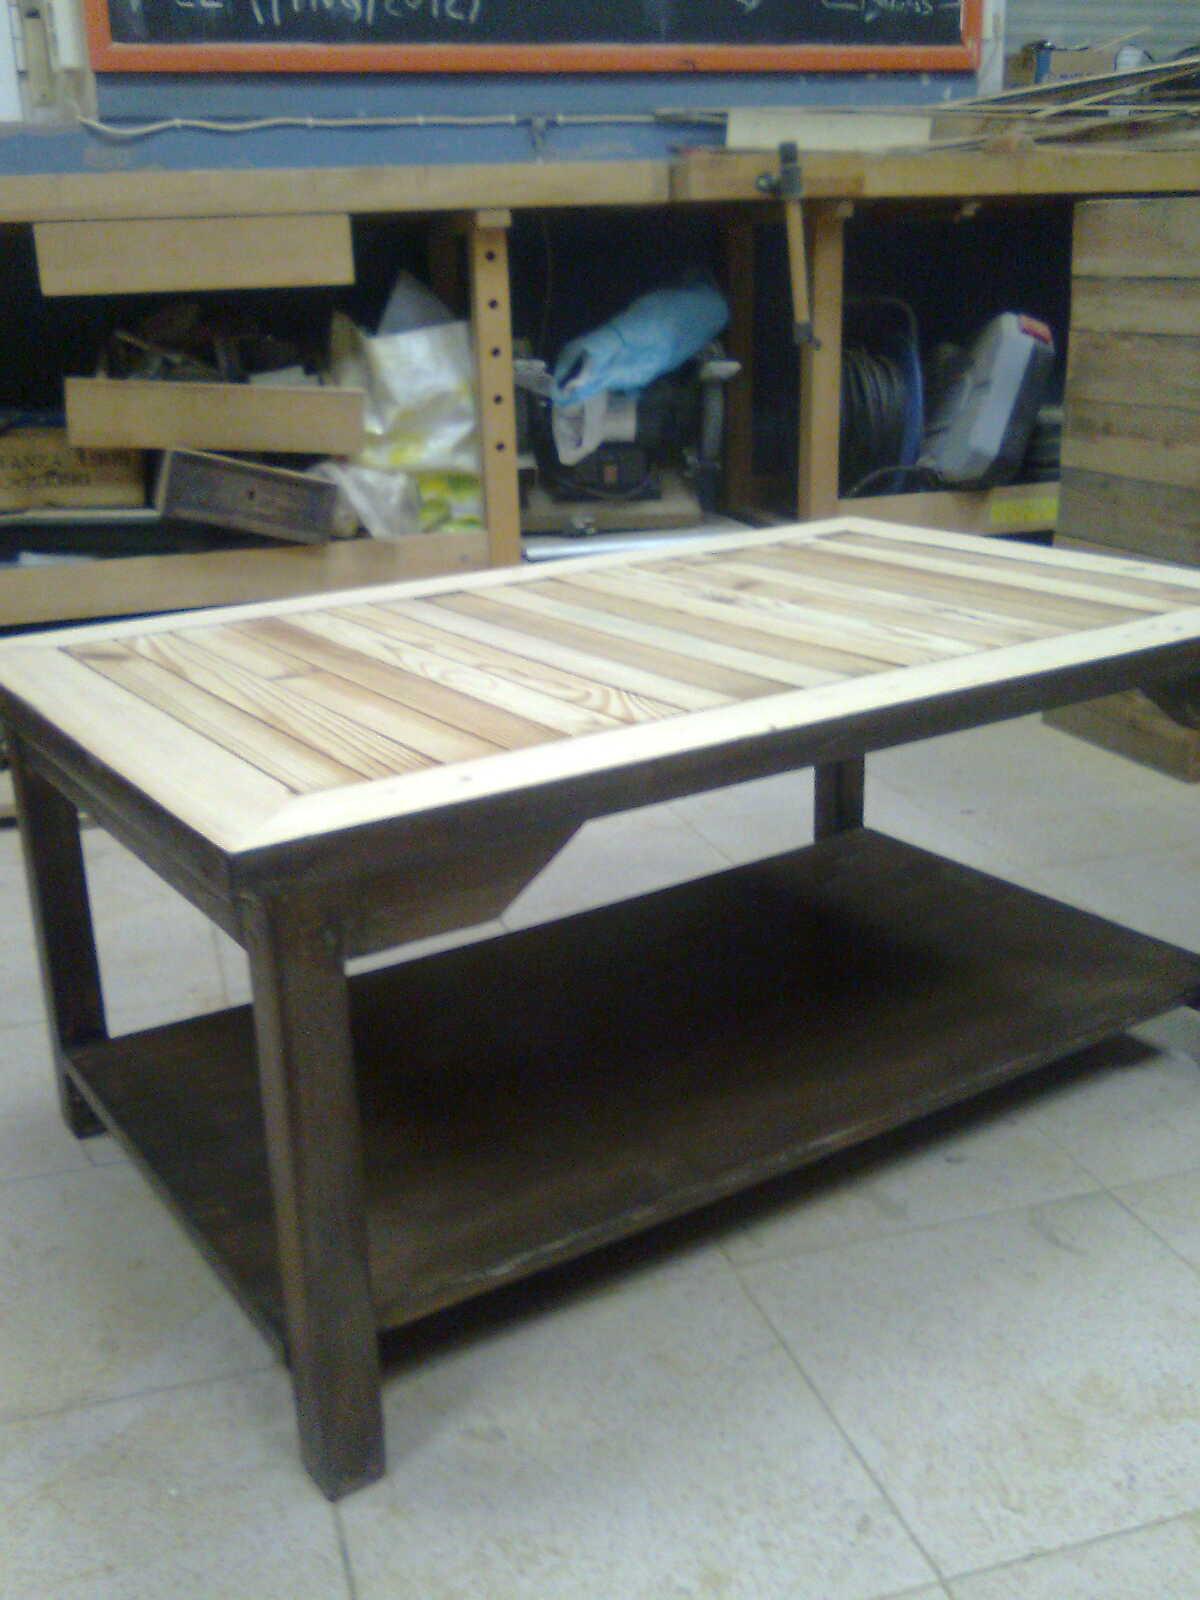 Apafam nuestra tienda muebles a demanda con madera reciclada for Diseno de muebles con madera reciclada